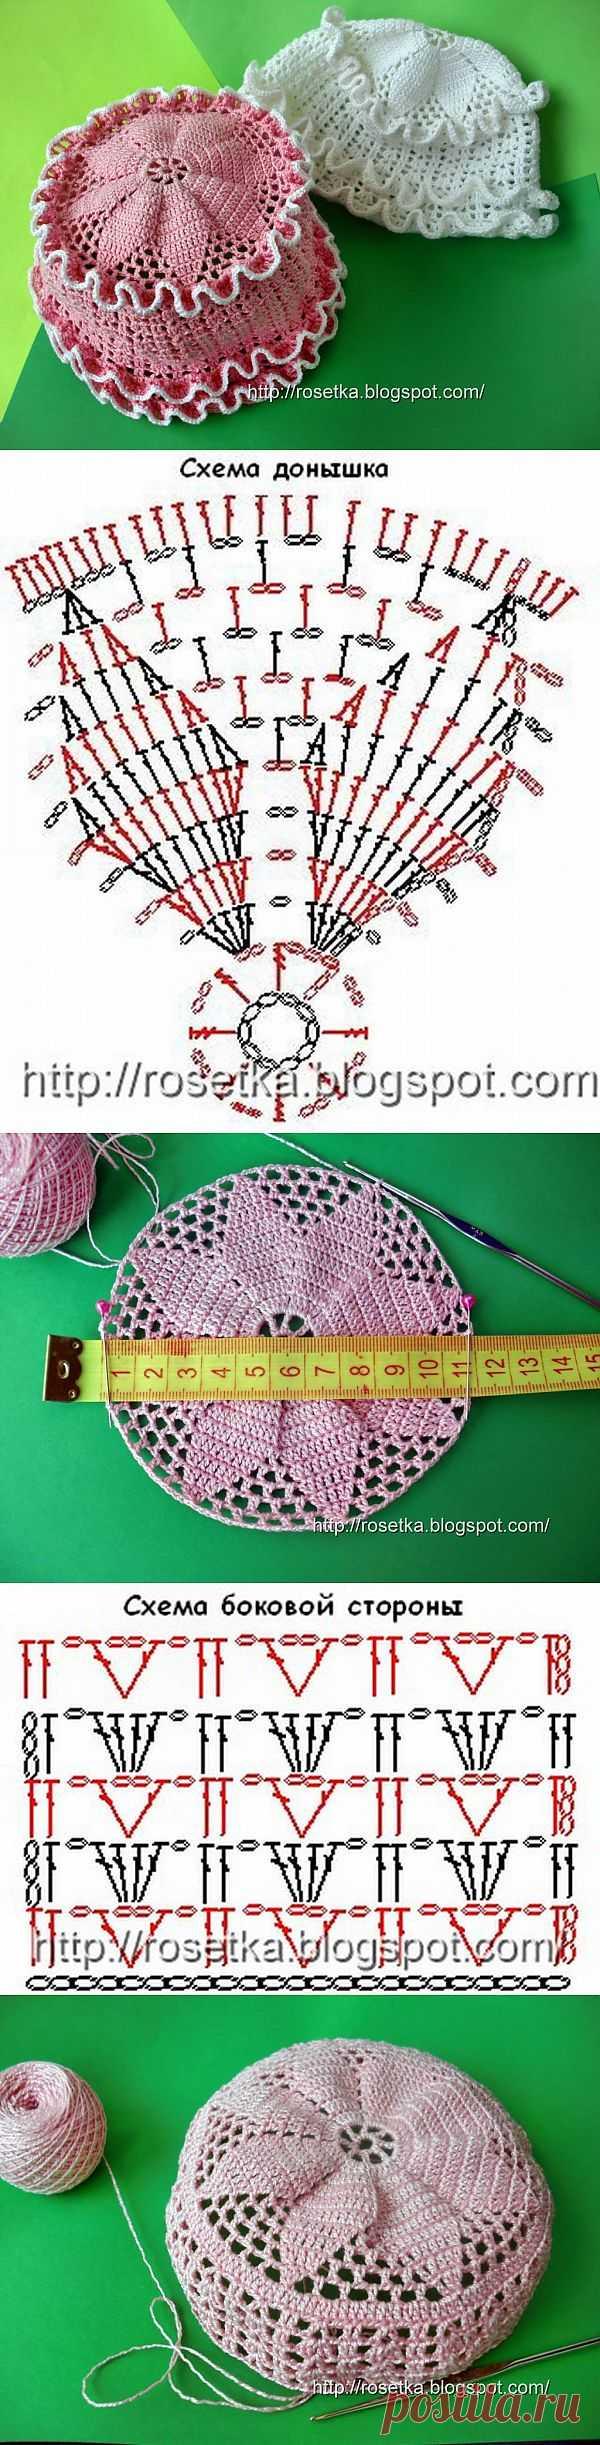 Вязание крючком летней панамы для девочки - вязание крючком на kru4ok.ru